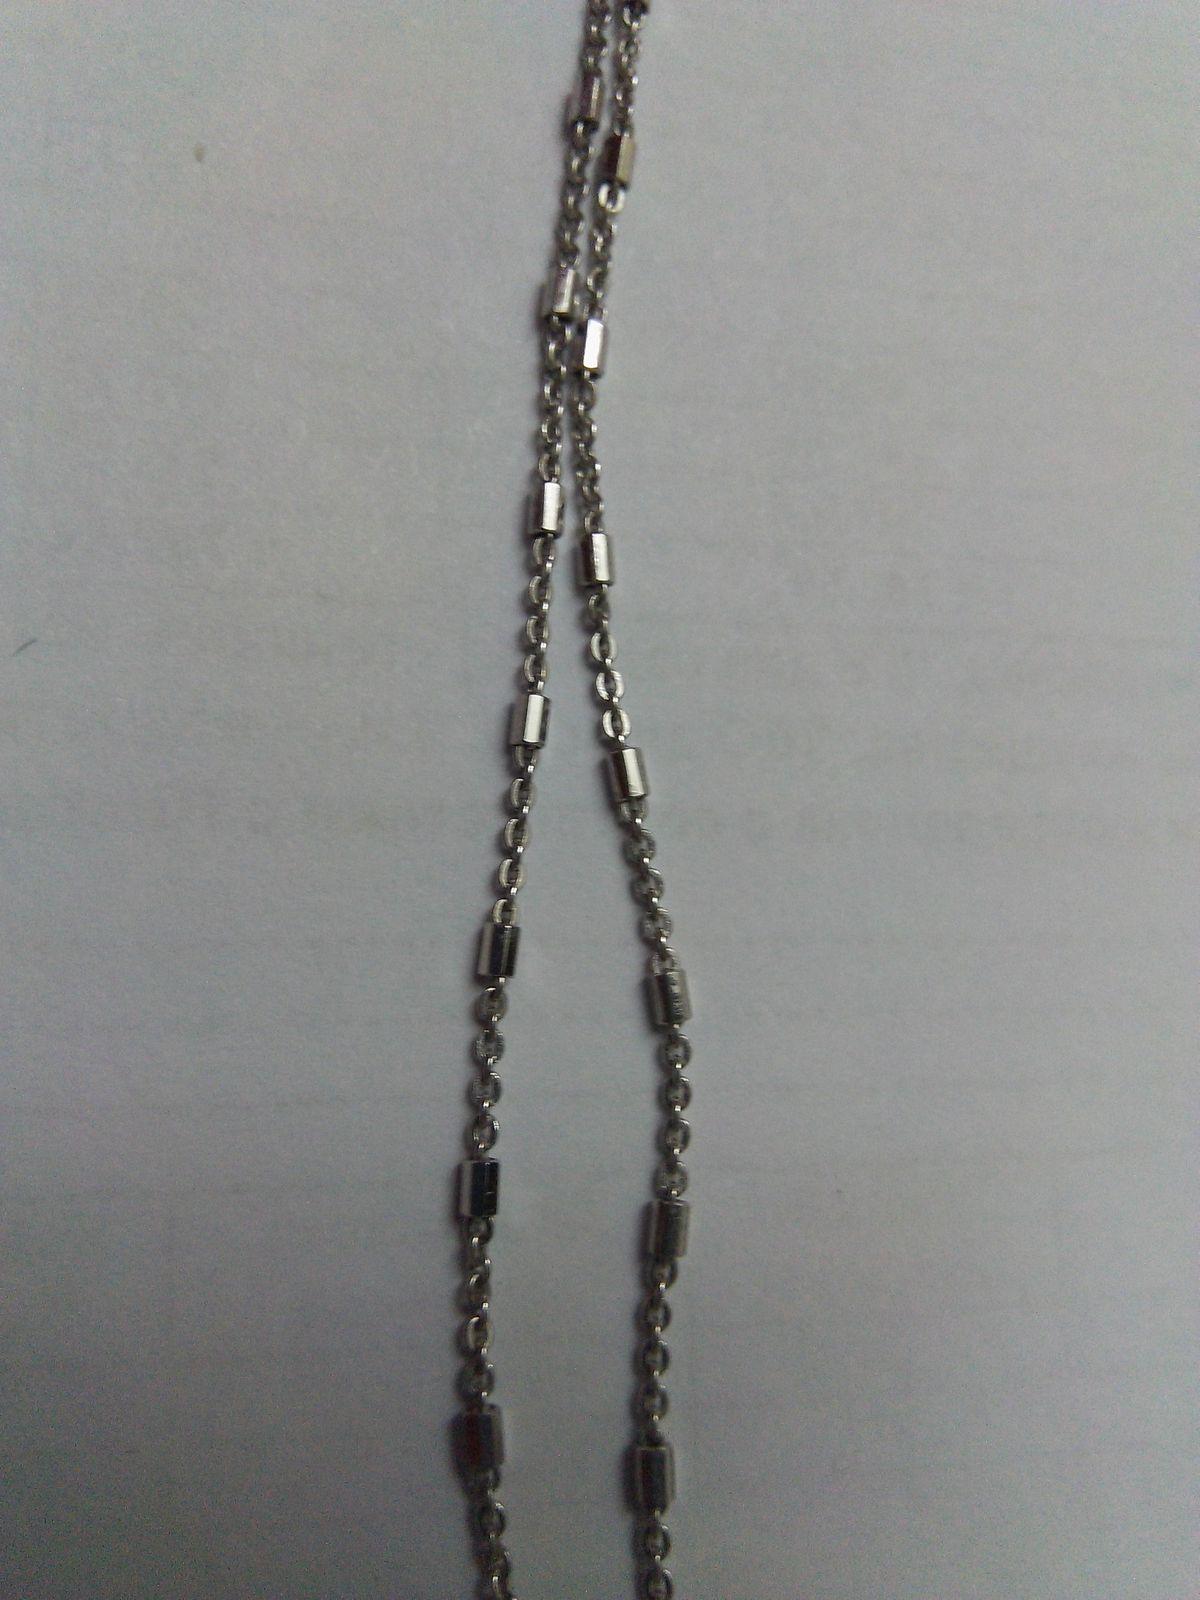 Цепочка стала последним звеном для создания своего комплекта из серебра.